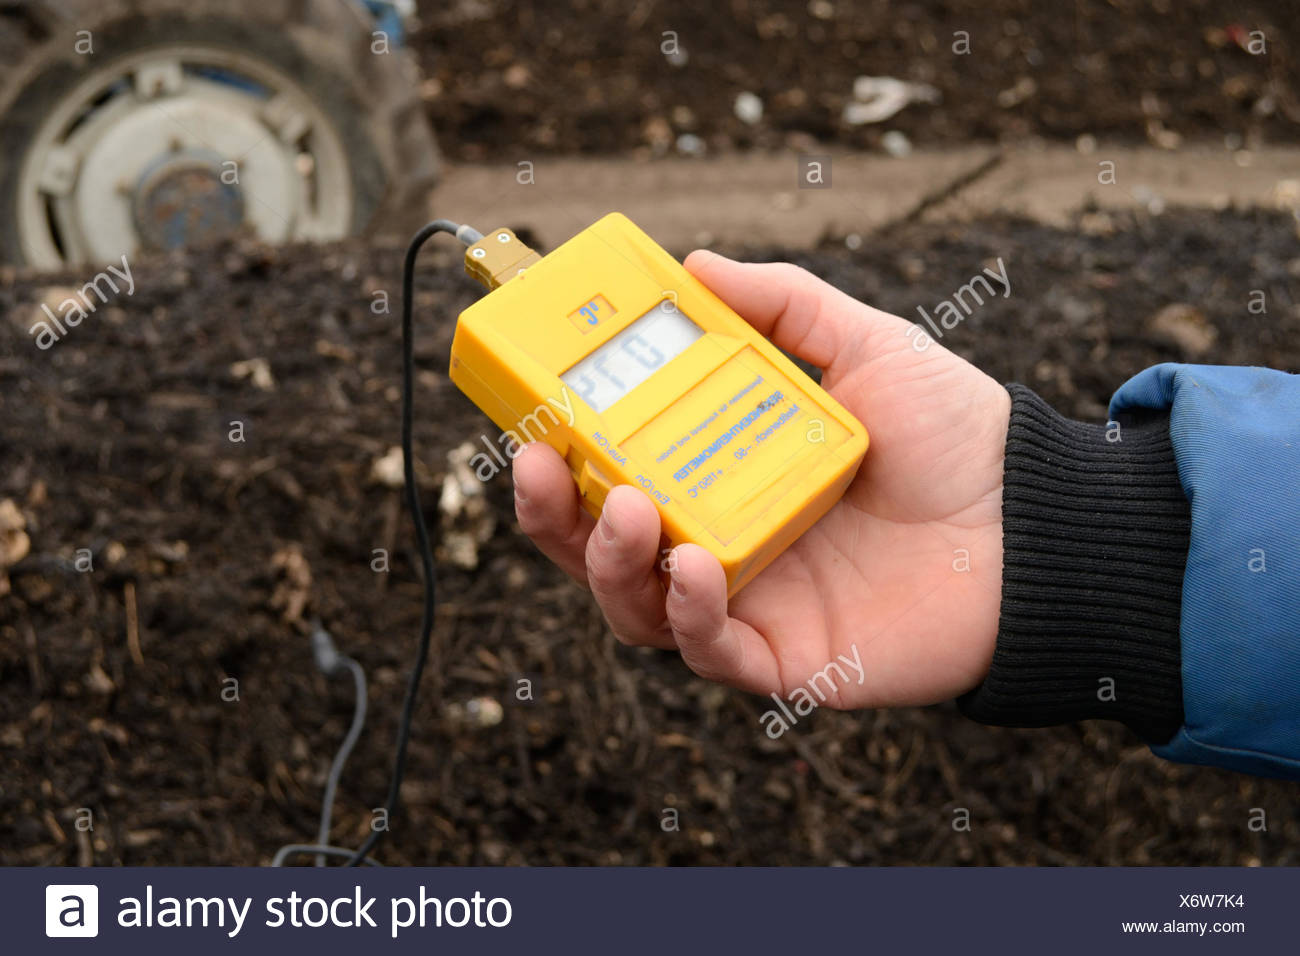 temperature control - Stock Image